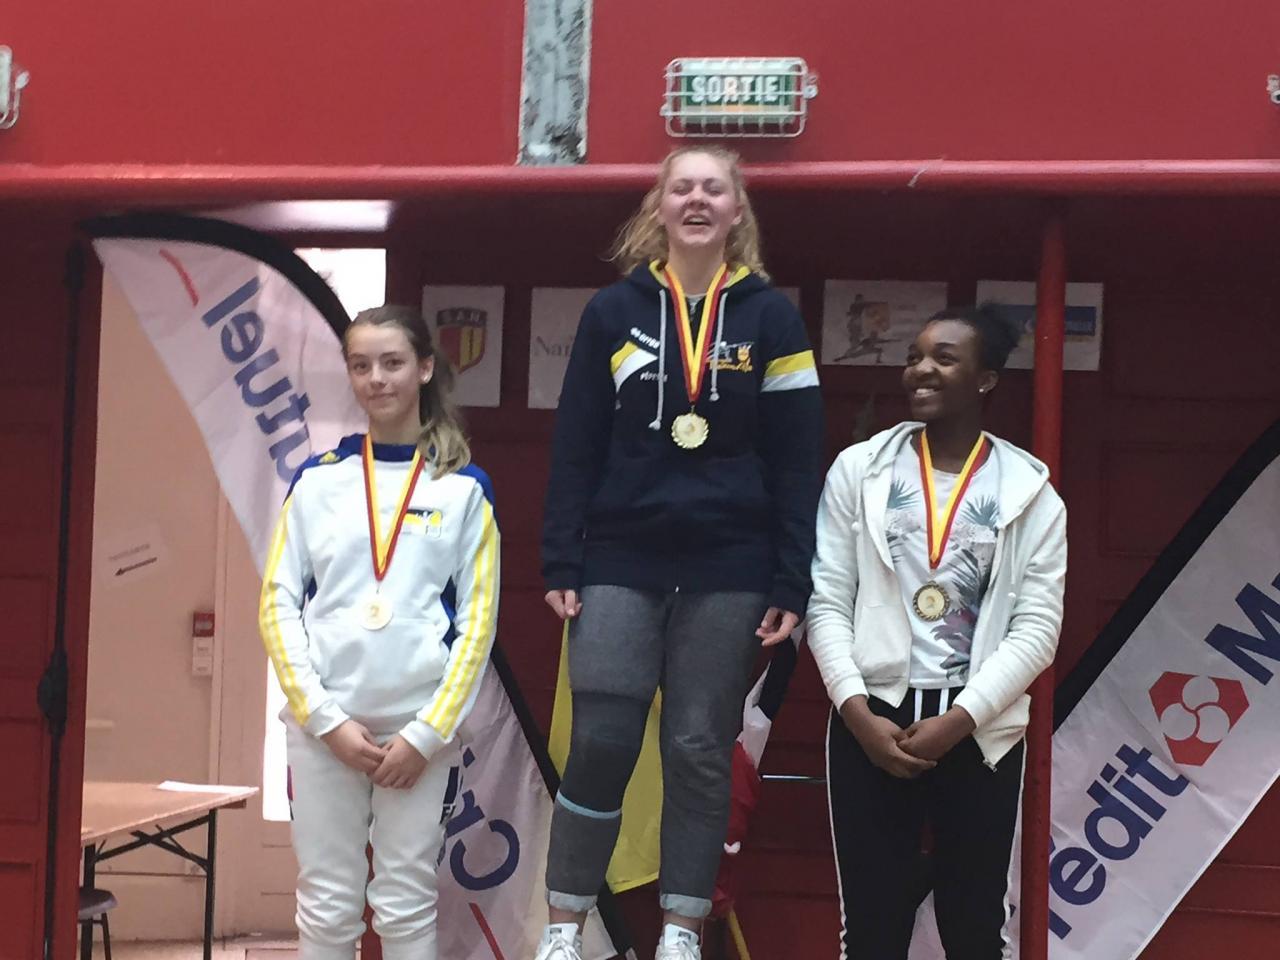 Le podium cadettes (Aurélie 1ère, Lorina 3ème)